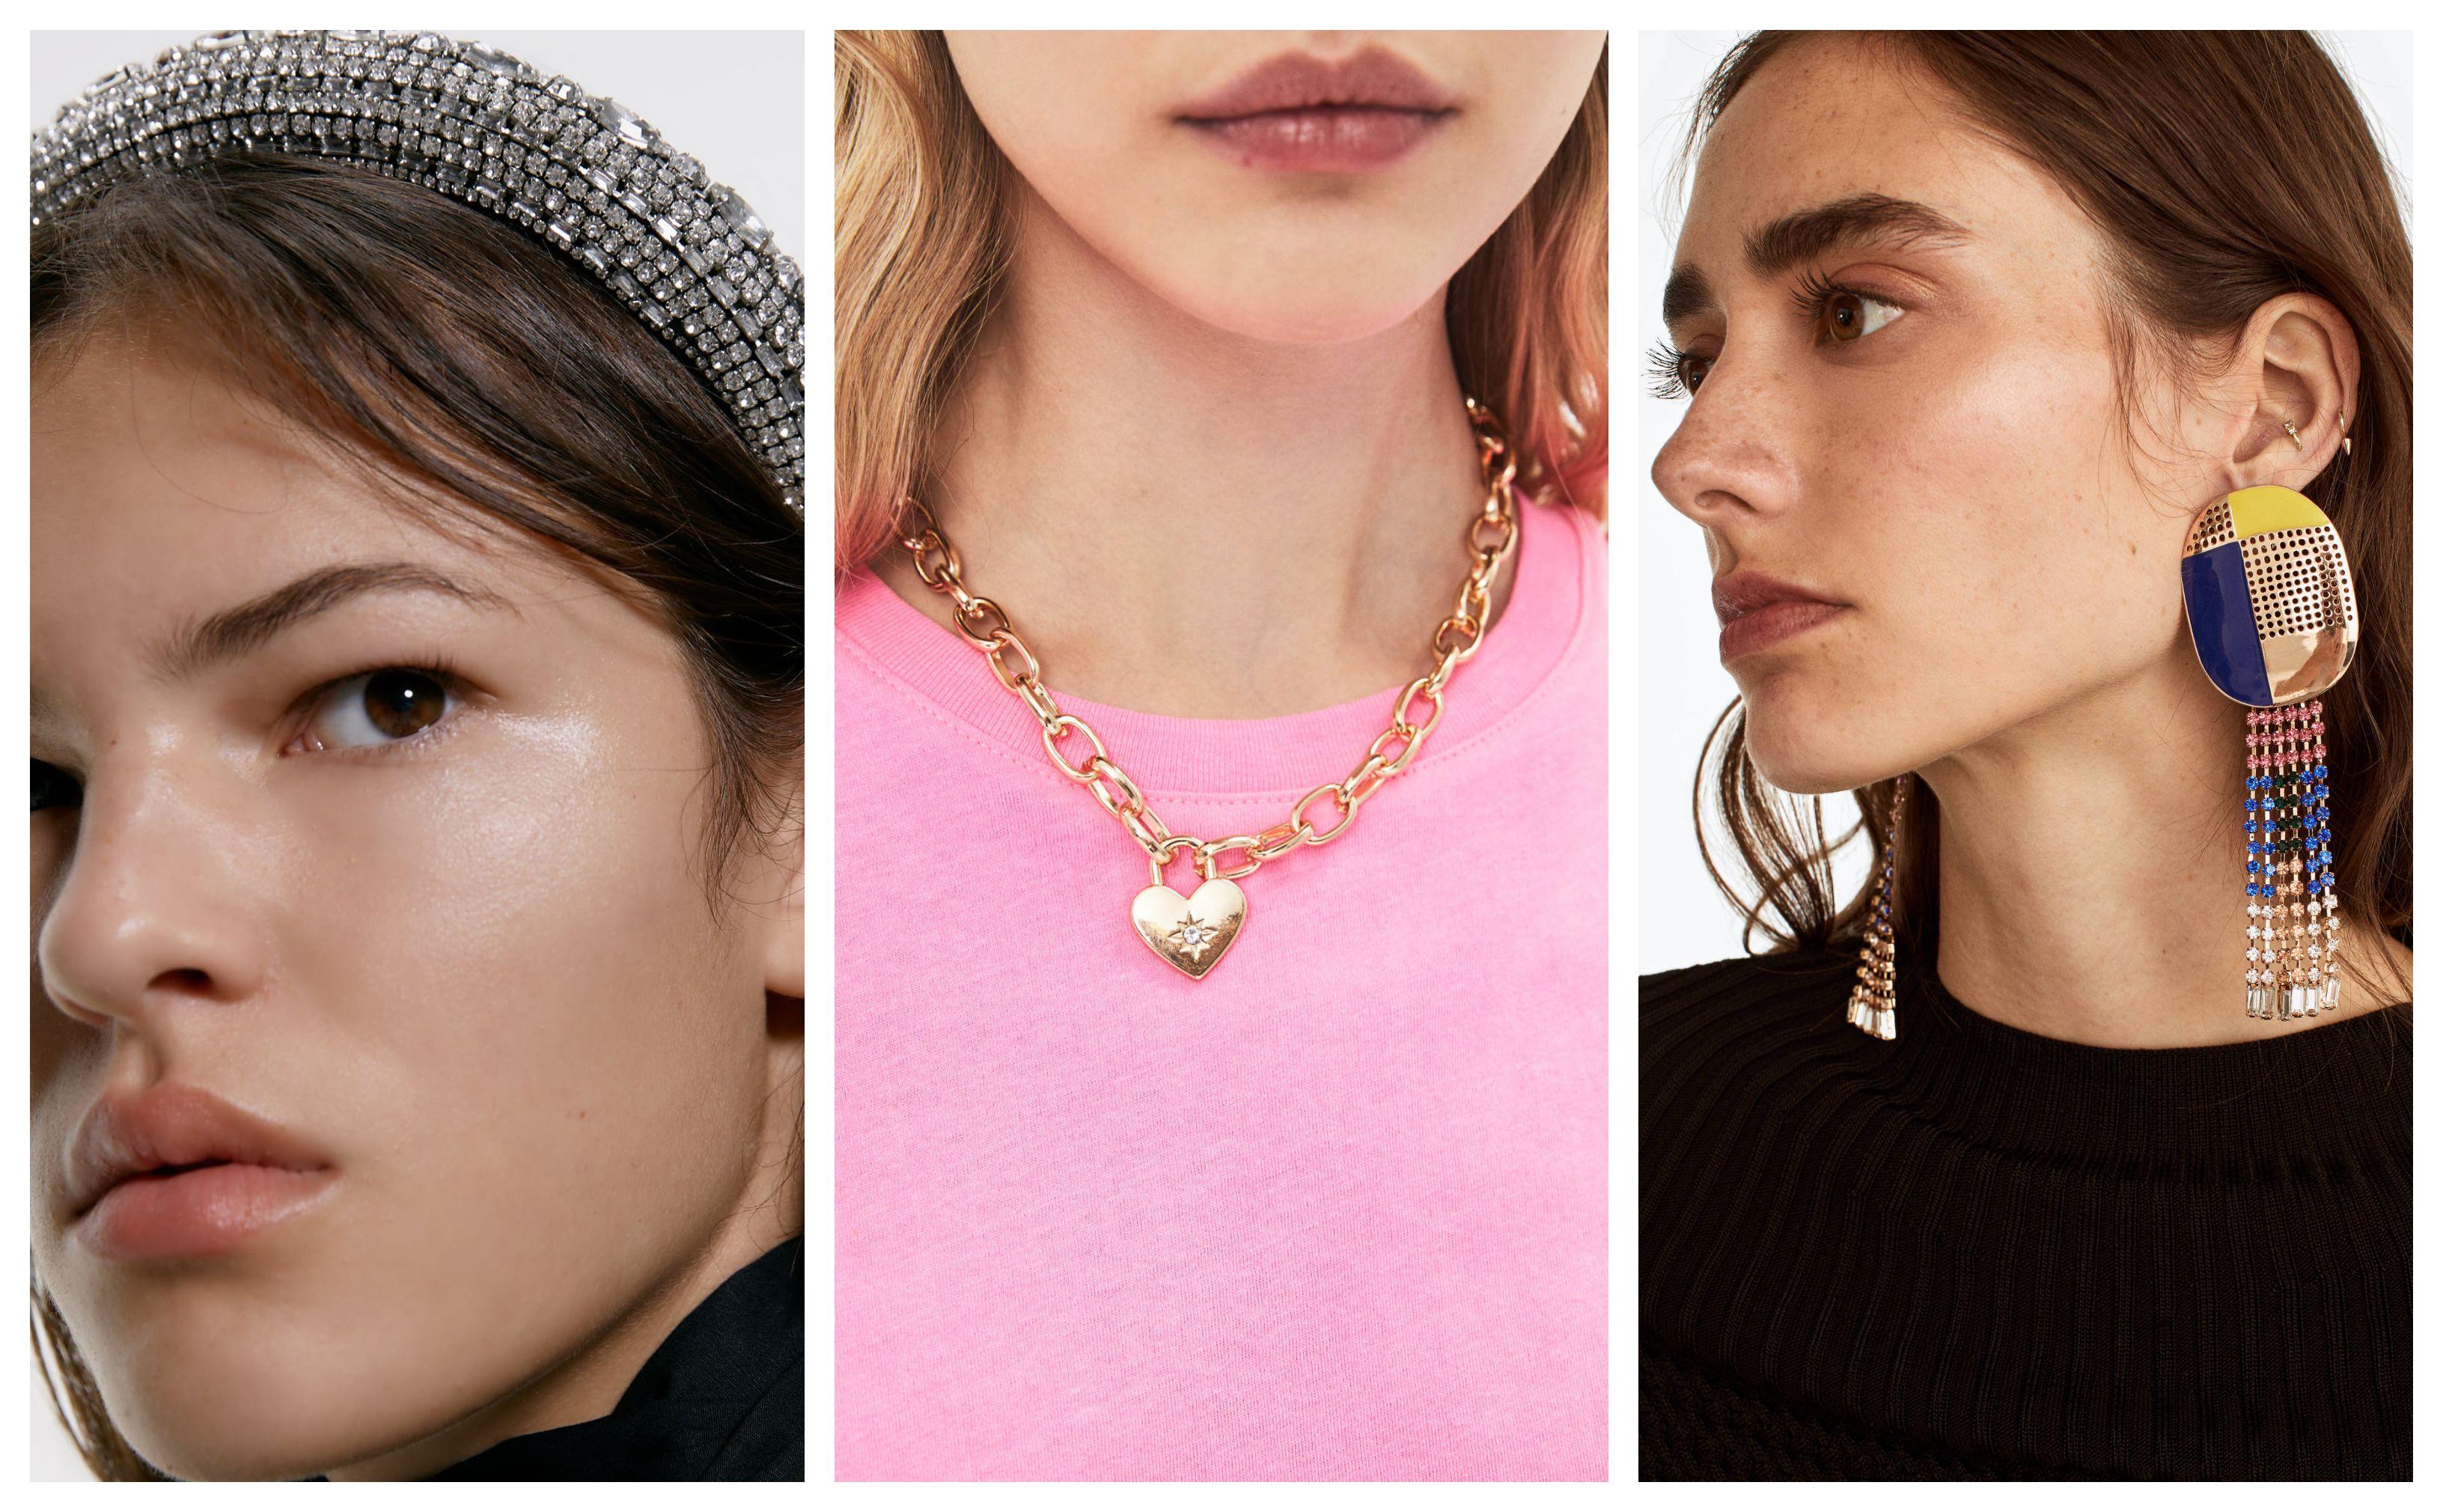 Obruči za kosu, ukosnice, nakit: Ove modne dodatke morate imati!